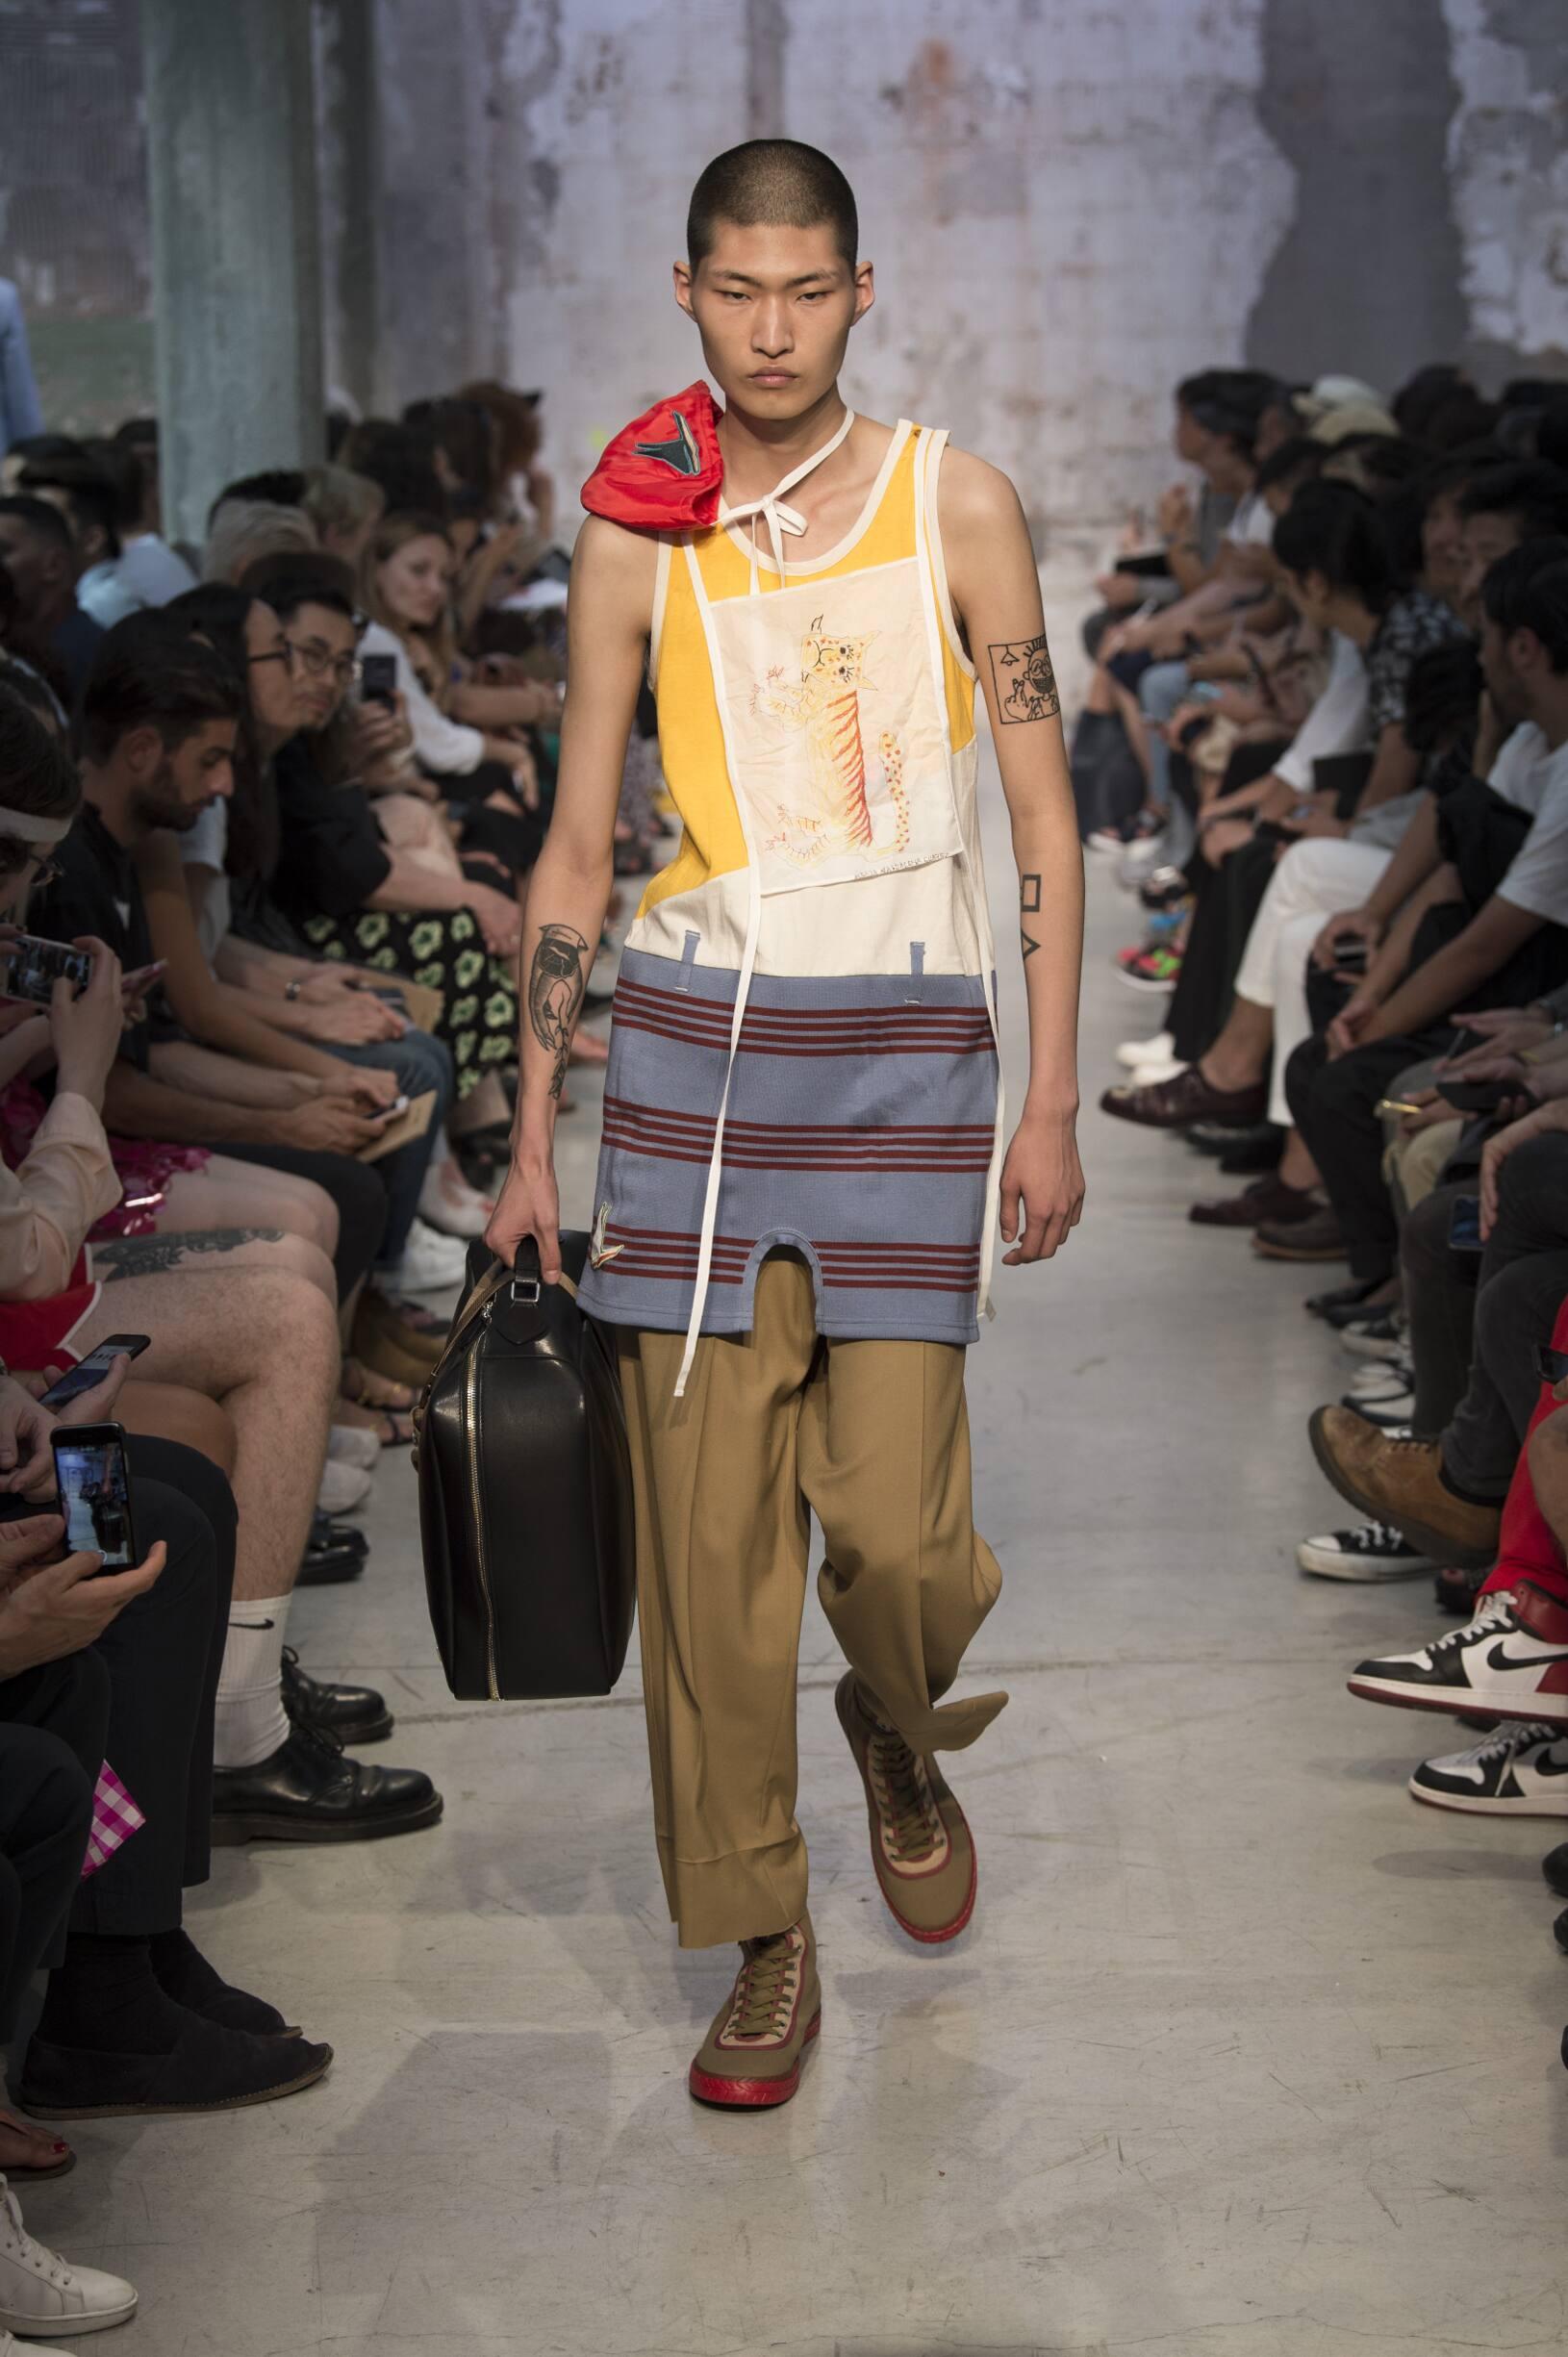 Catwalk Marni Man Fashion Show Summer 2018